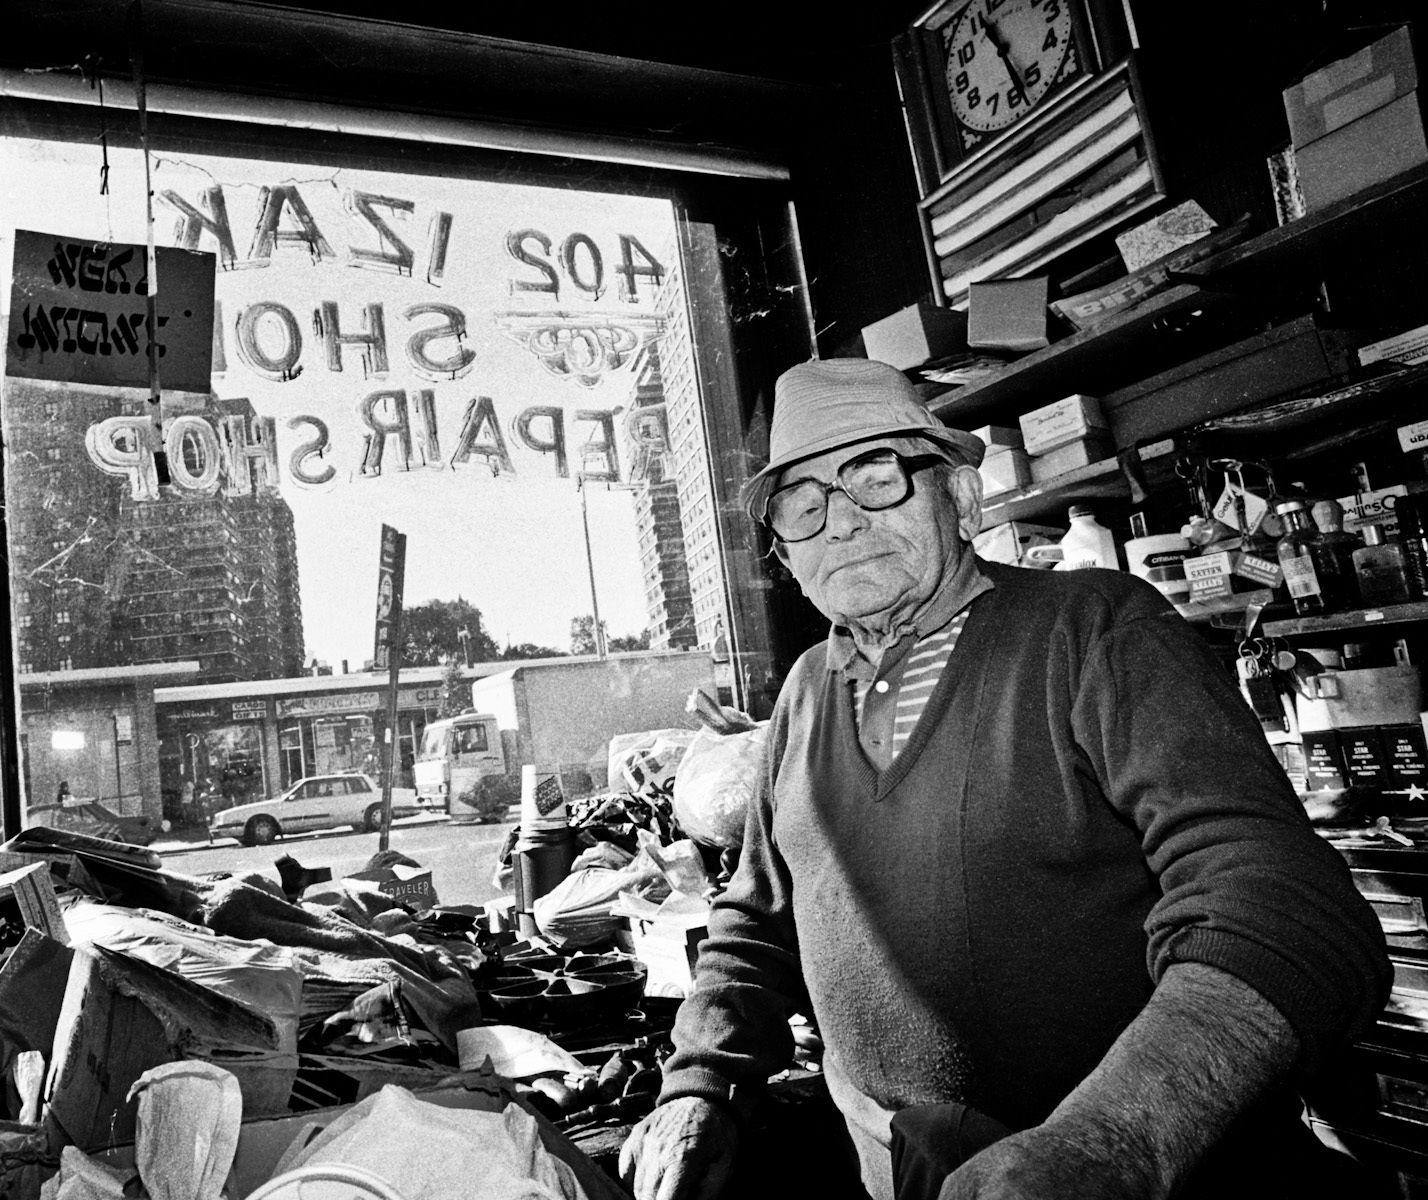 Lower East Side 10/22/94